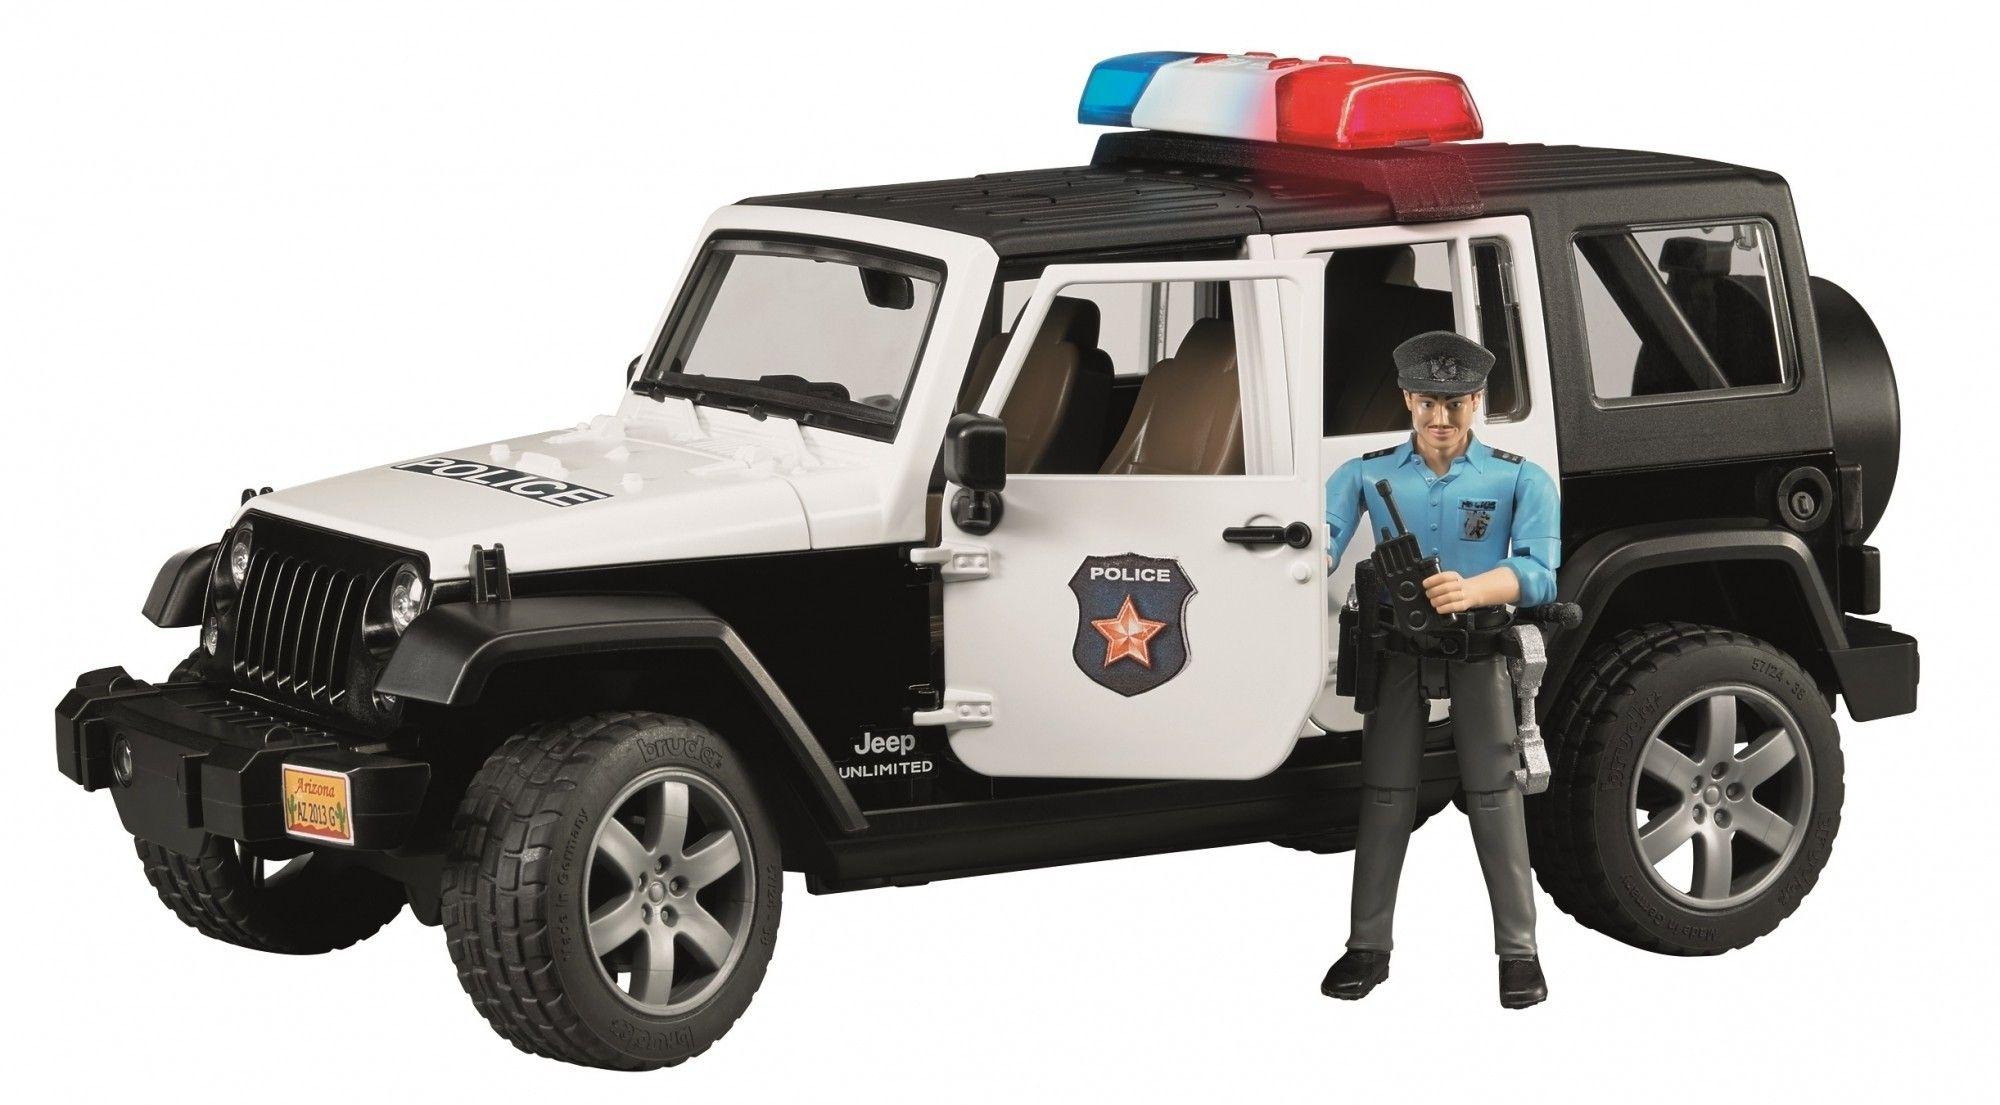 Bruder Jeep Wrangler politieauto en politieman 1:16